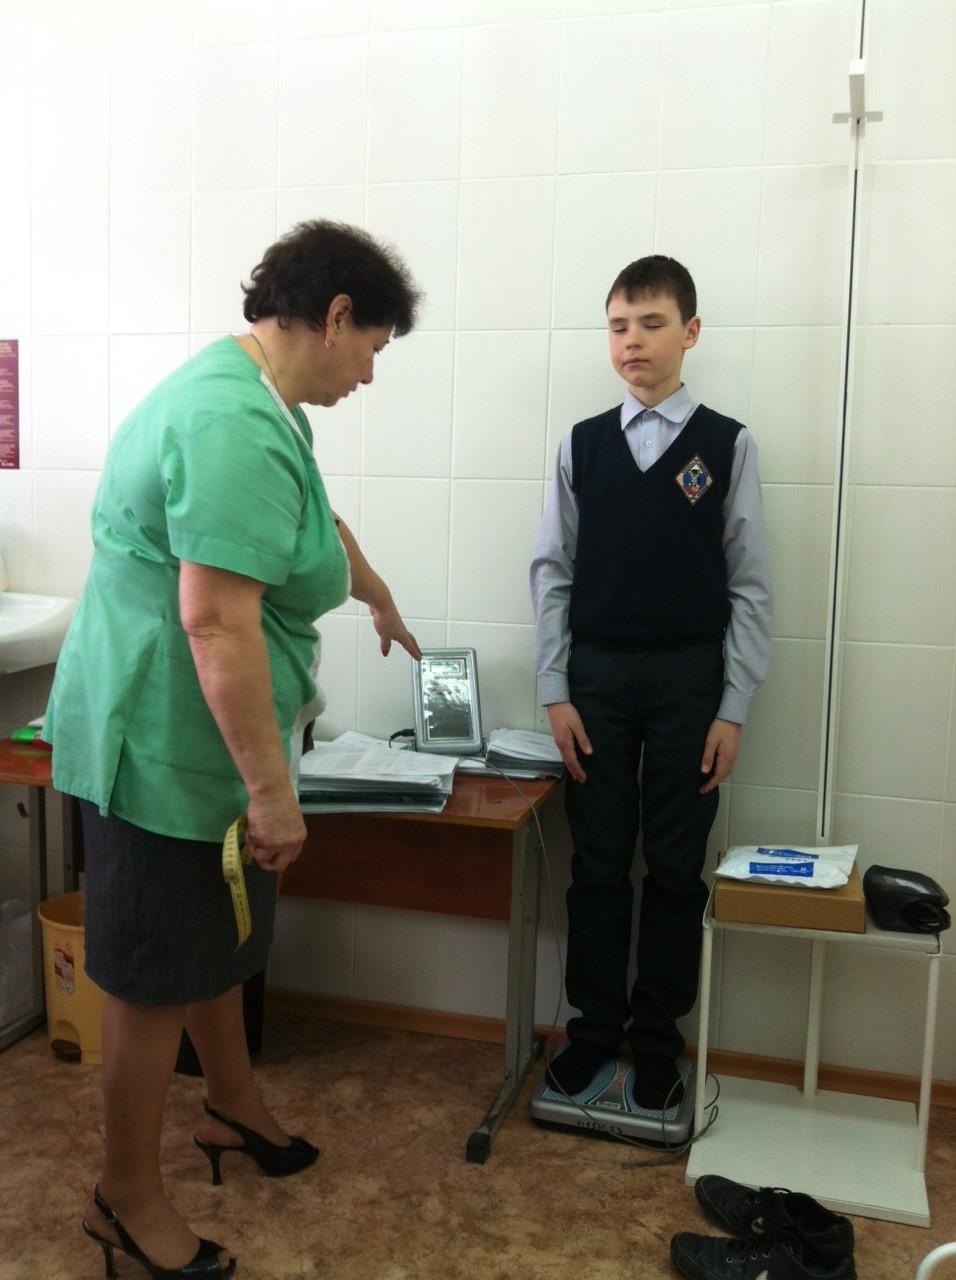 Мобильные врачи проверяют здоровье школьников в Волгограде